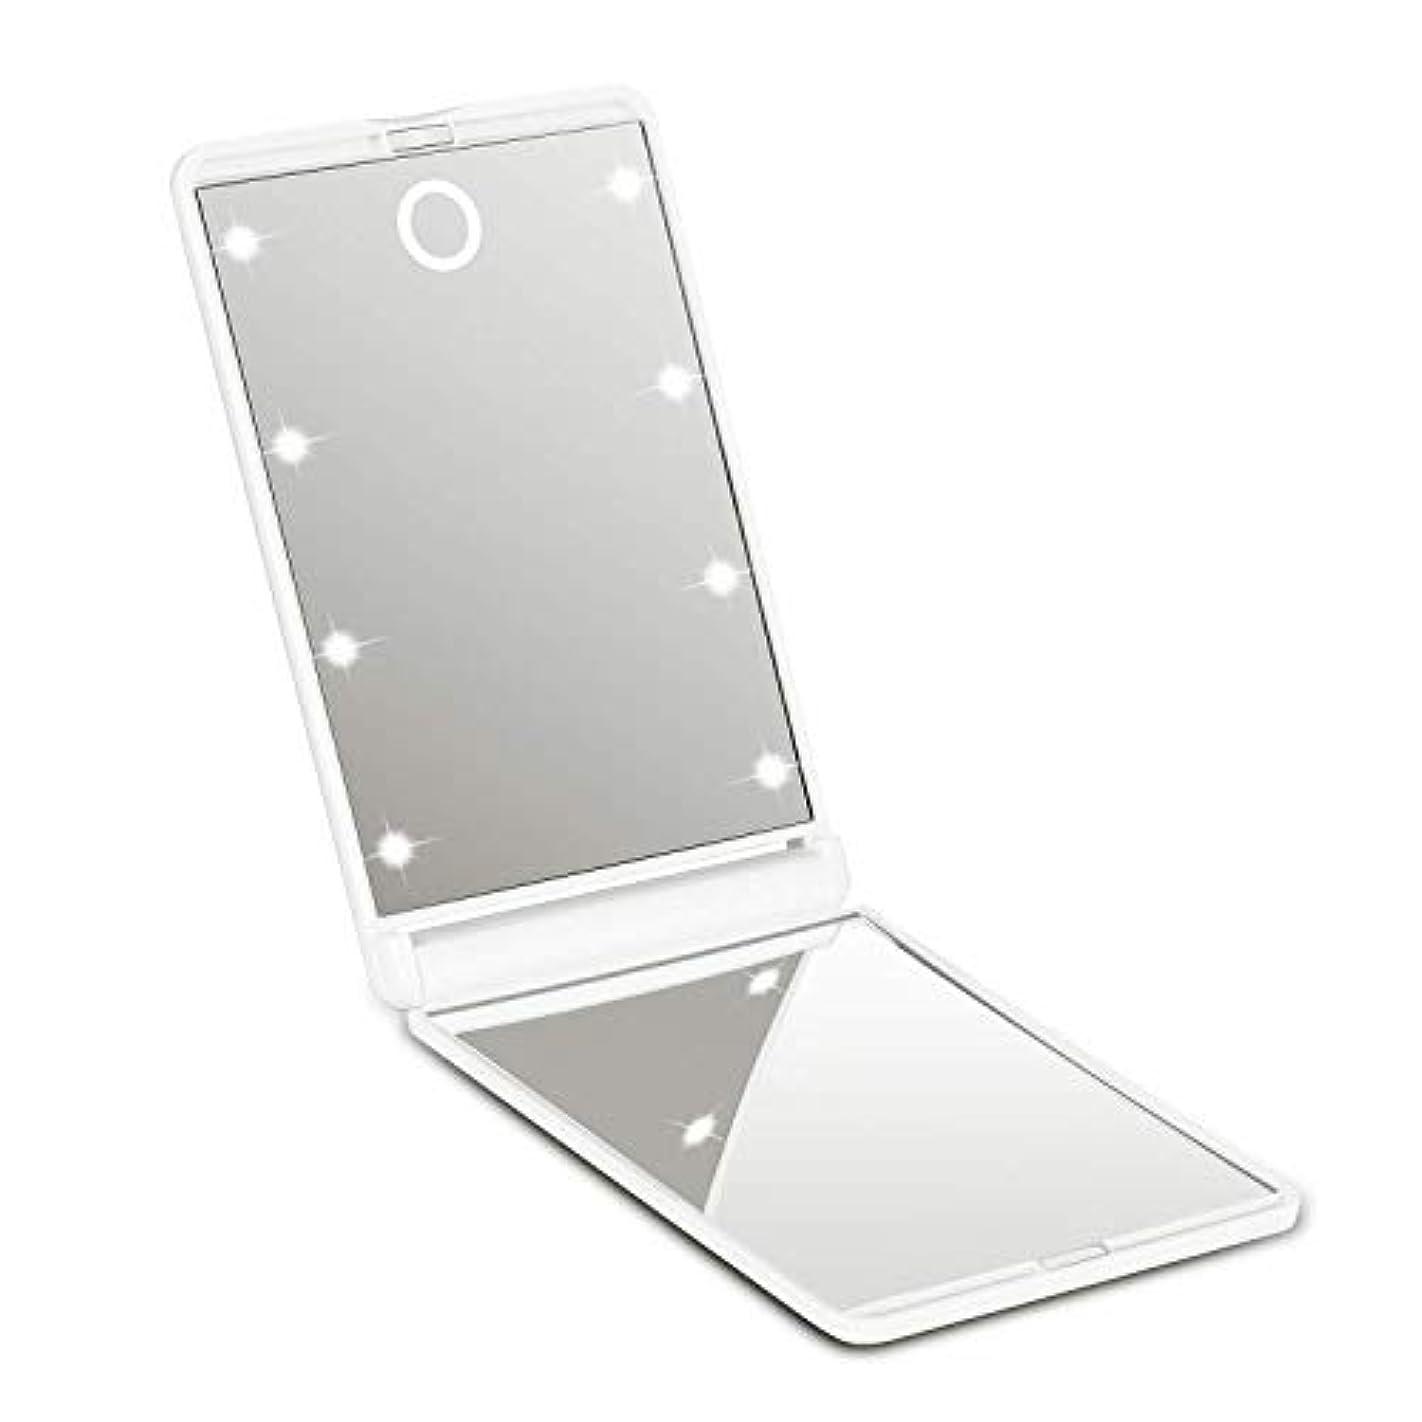 甘味提供劇場?化粧鏡 ledミラー 8灯 携帯型 持ち運び便利 折りたたみ式 コンパクト 化粧ミラー 女優ミラー 拡大鏡付き手鏡 可能なスタンドミラー2倍拡大鏡付 明るさ調節可能